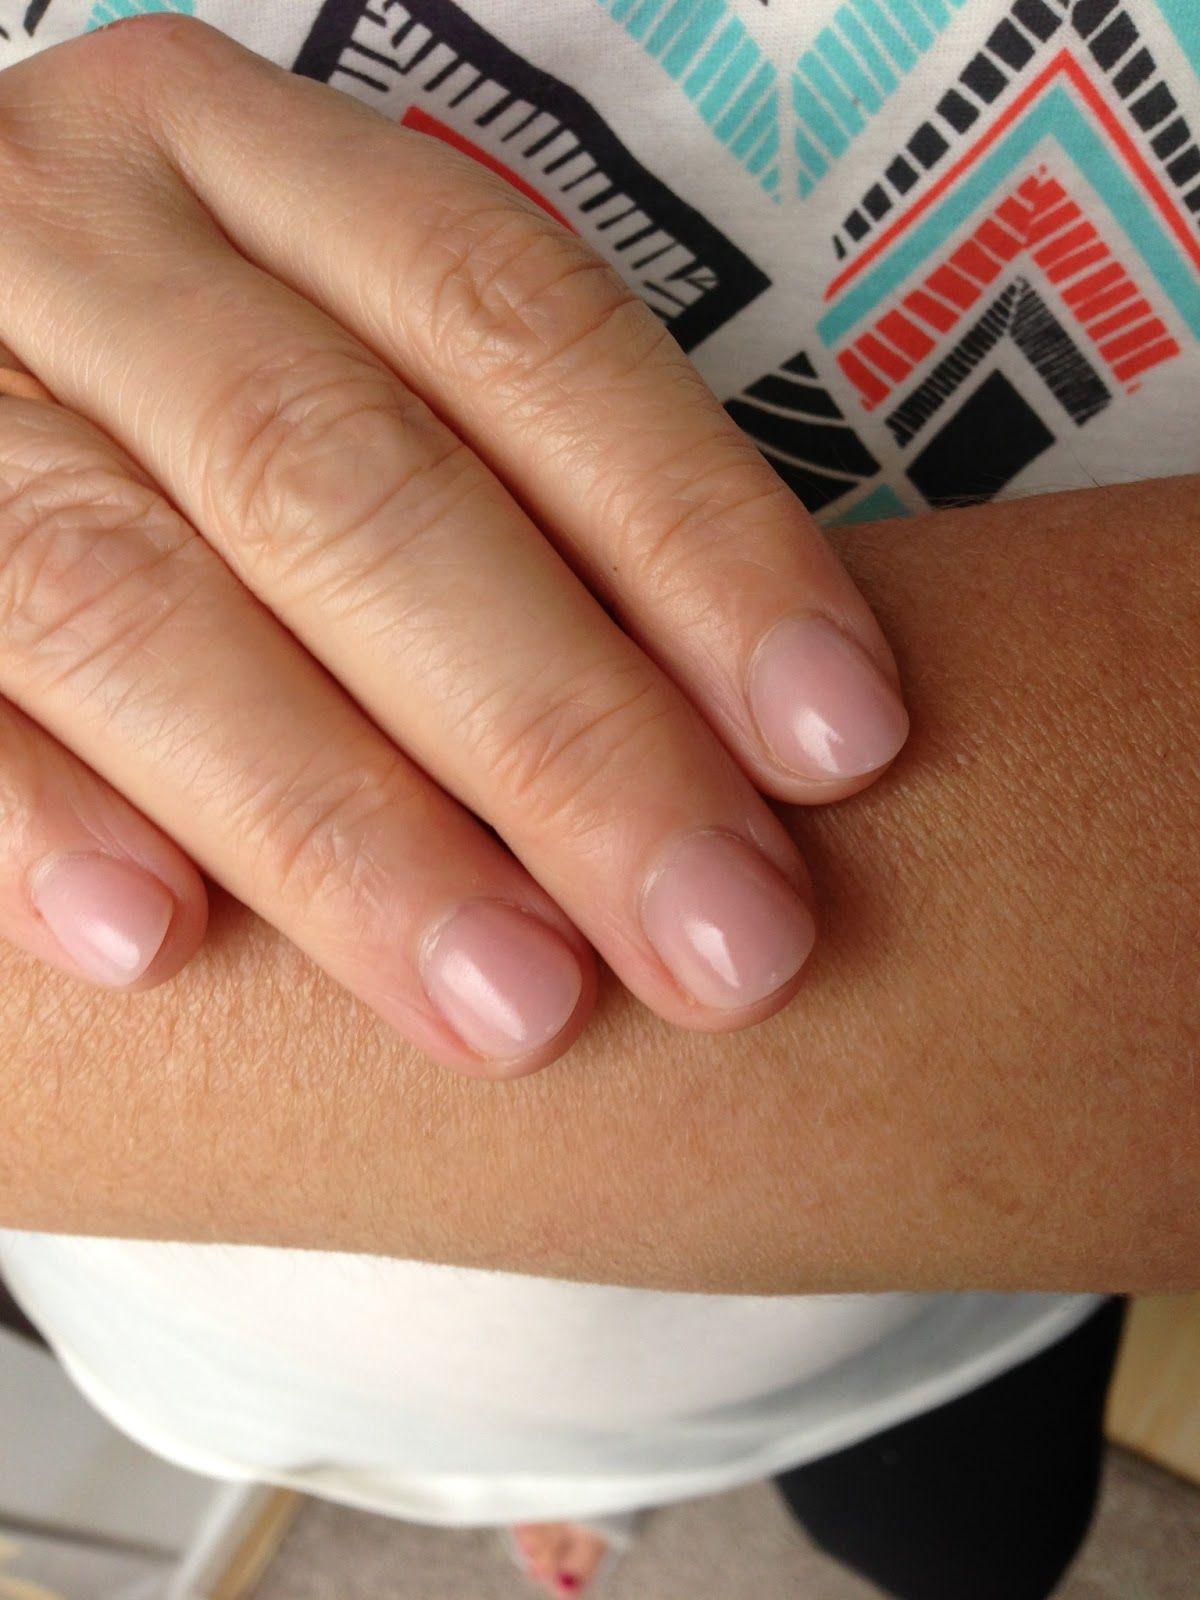 Mad Nails At Swansea Short Natural Look Natural Acrylic Nails Natural Looking Nails Natural Looking Acrylic Nails